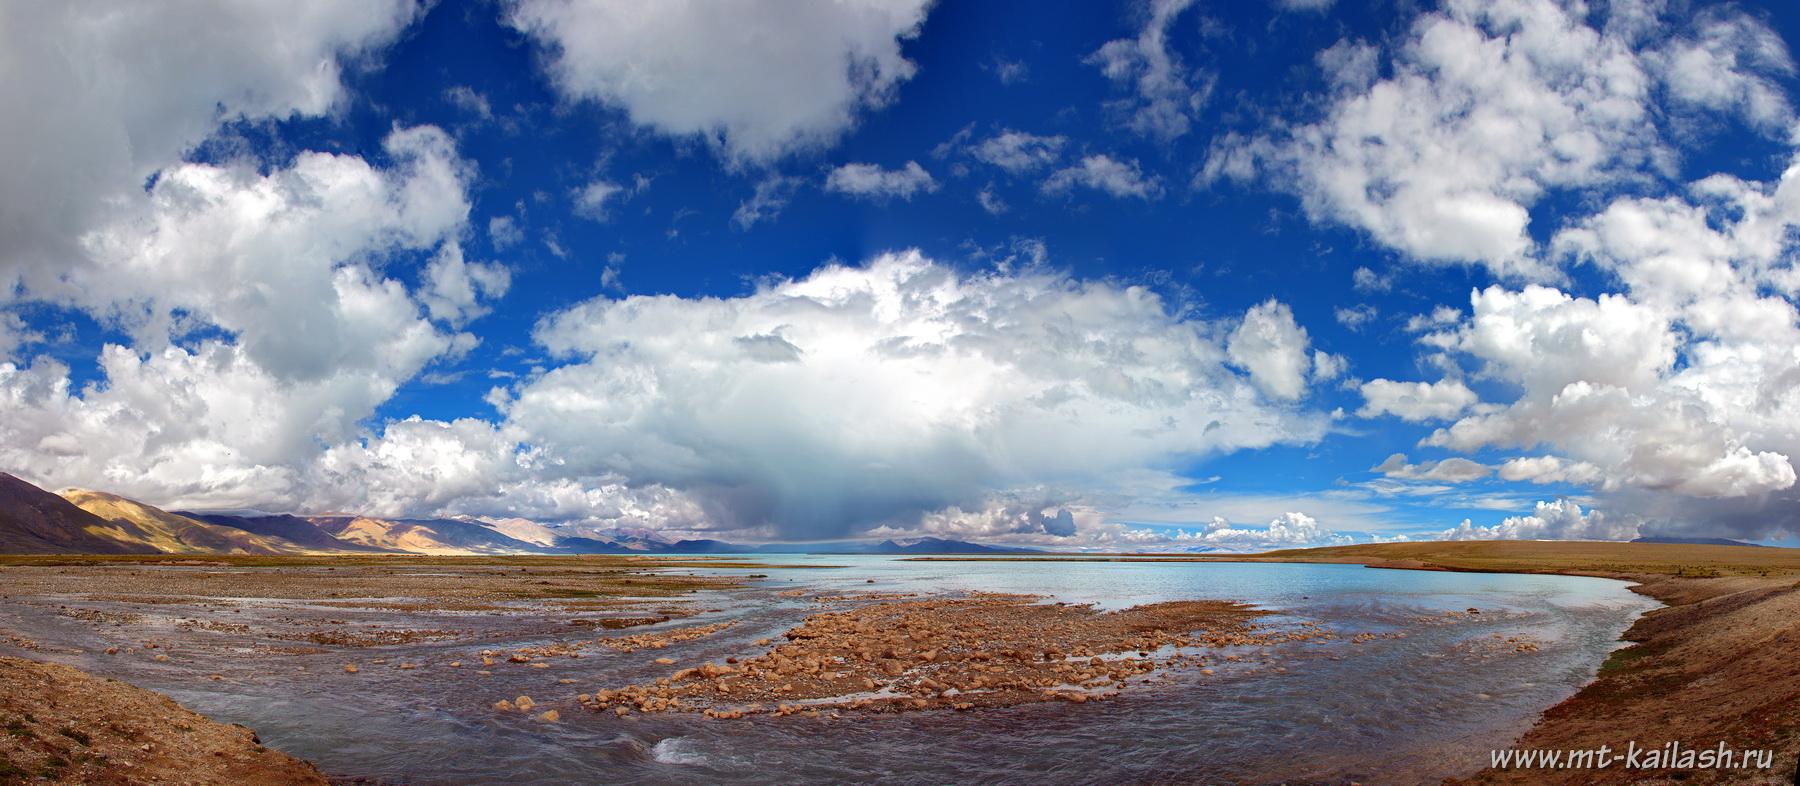 Озеро Дангра (2)